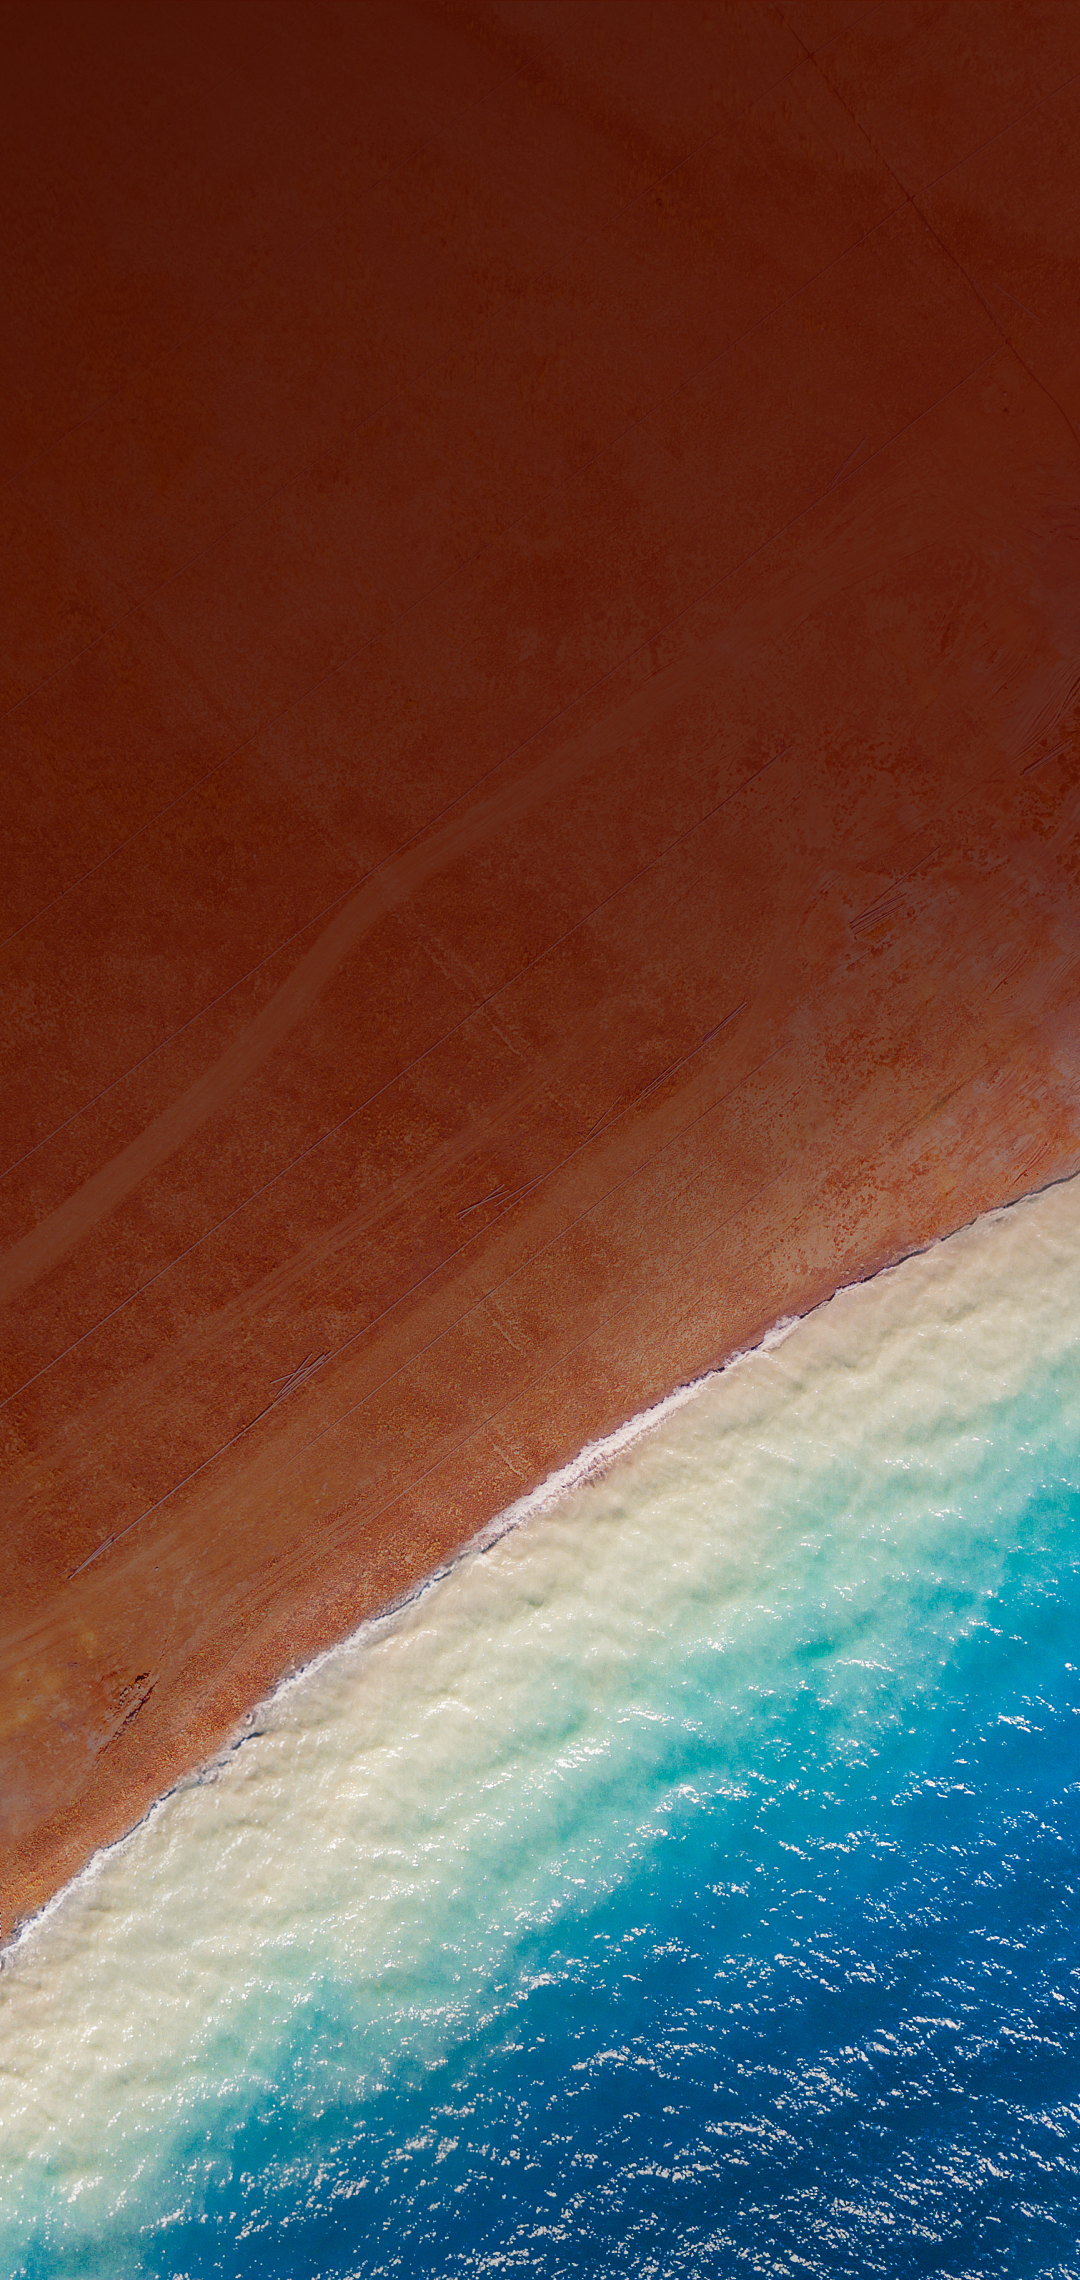 Oppo R15 Stock Wallpapers Wallpaper Desktop Hd